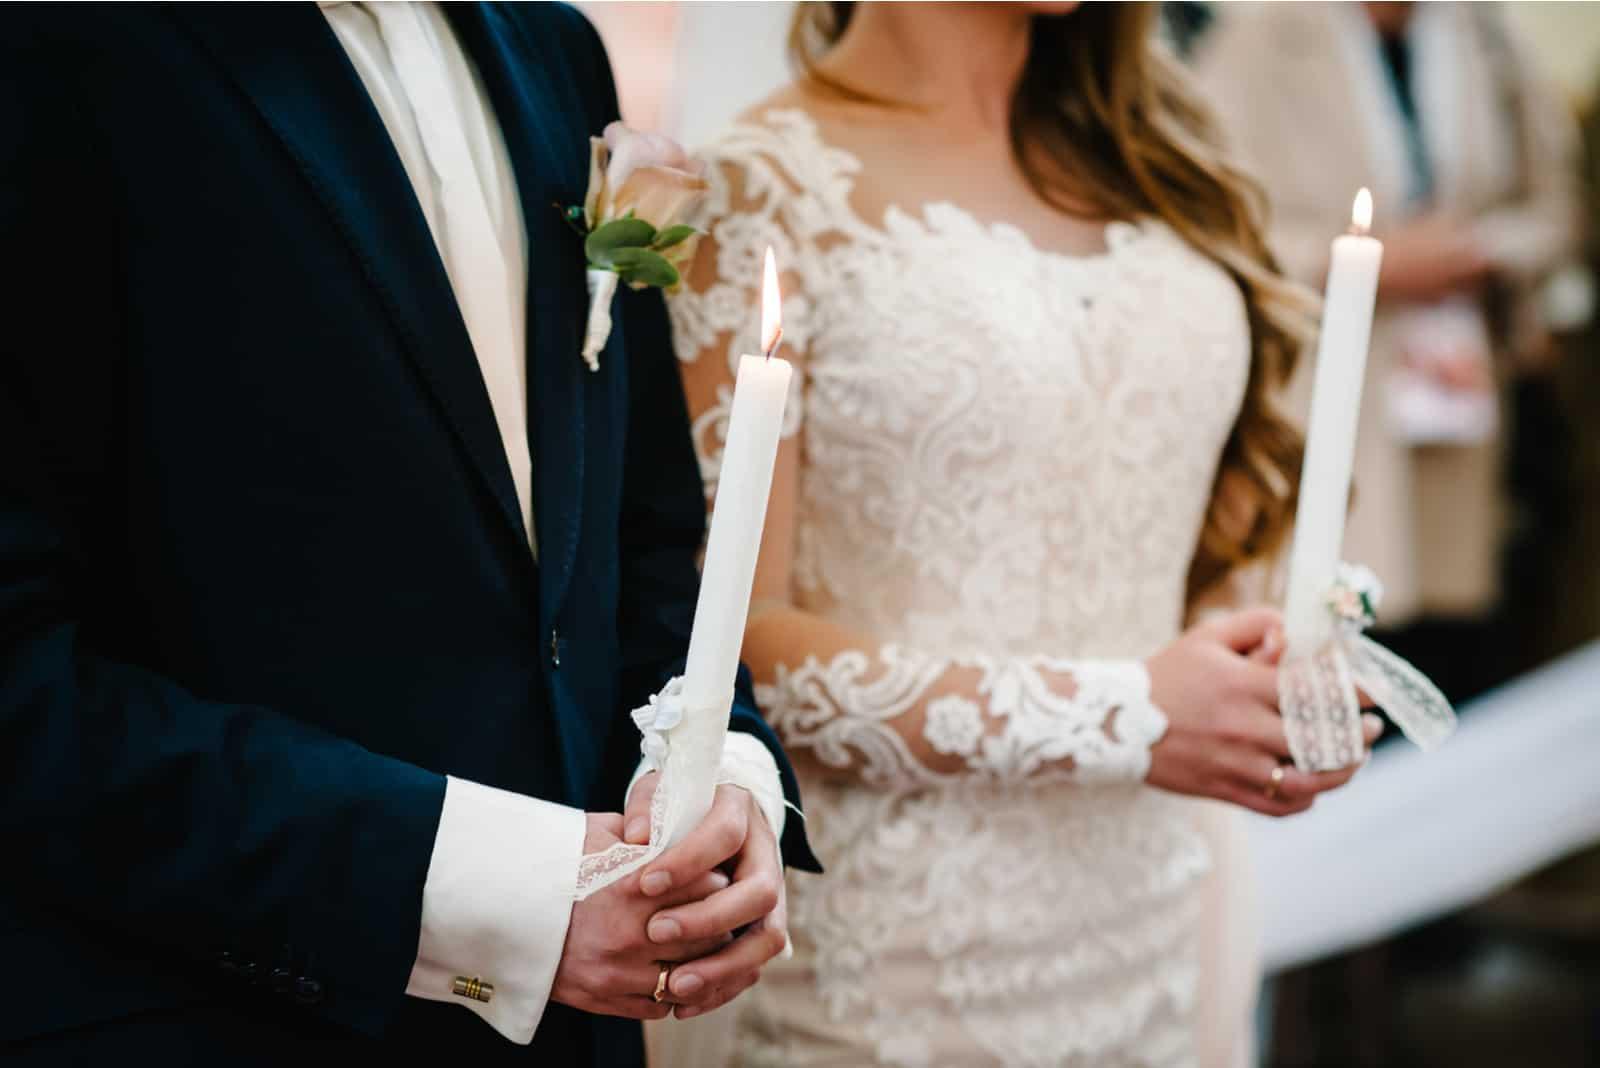 Die Braut, Bräutigam hält in Händen Hochzeitskerze.